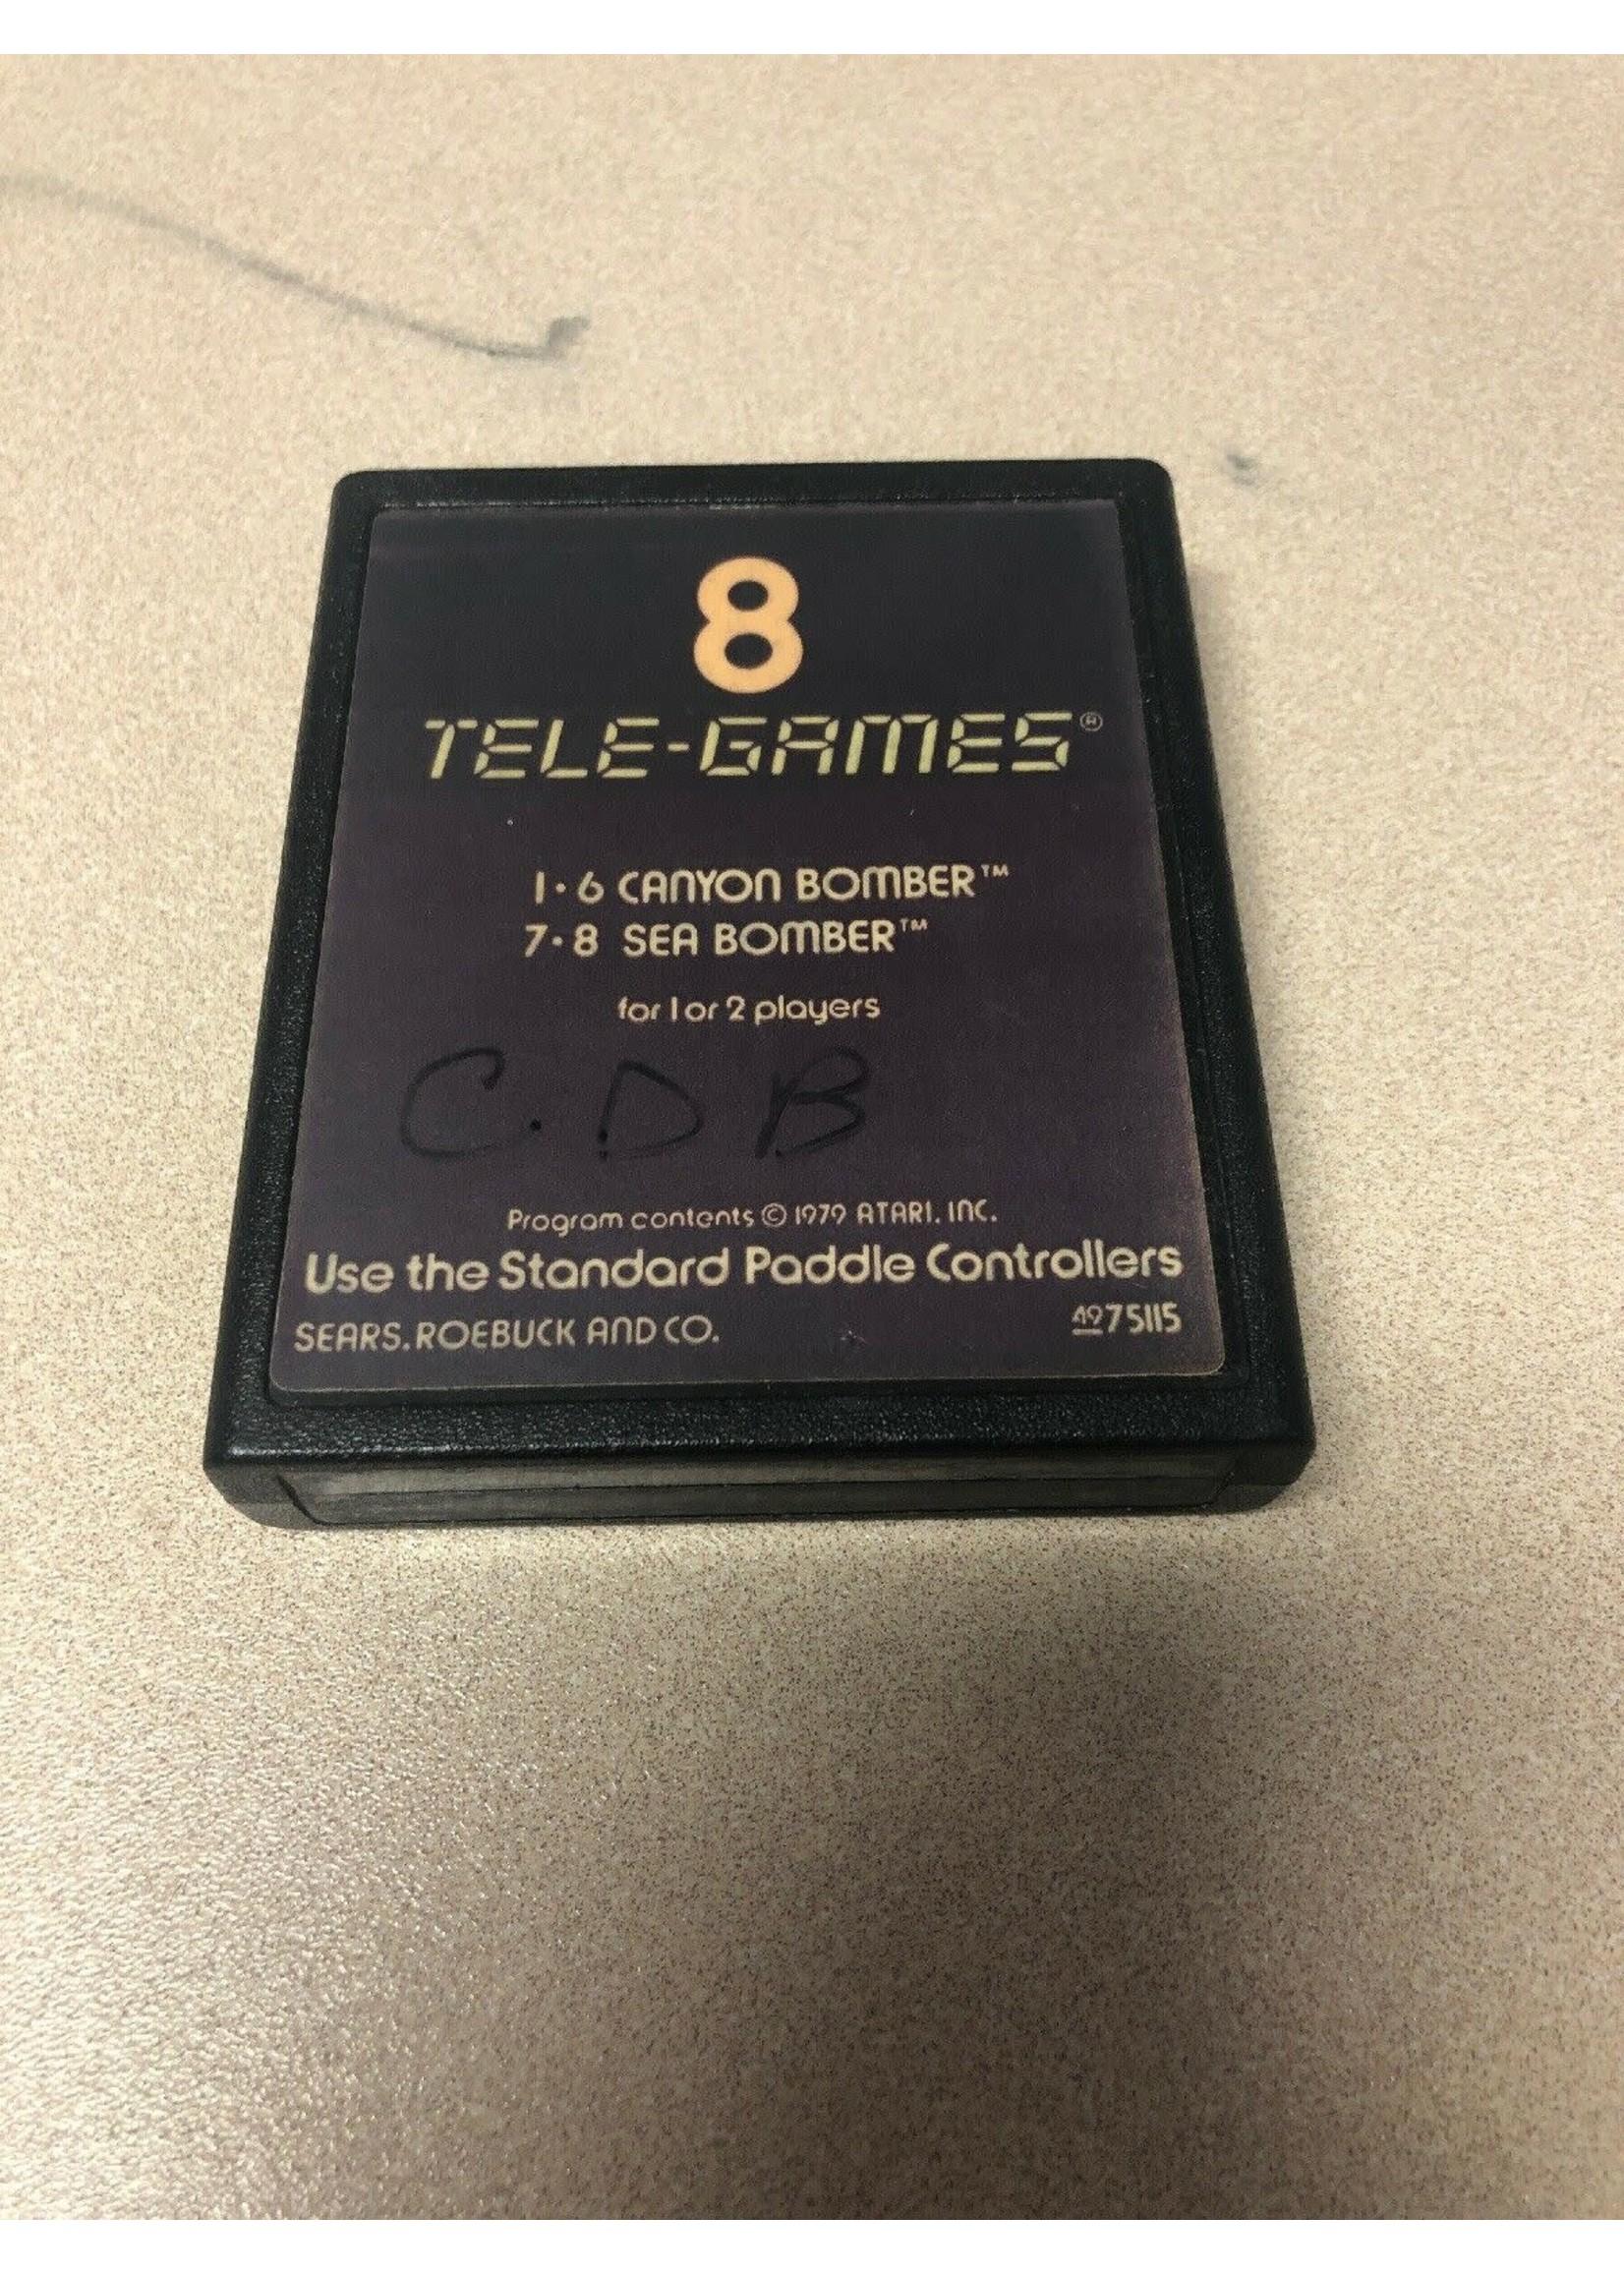 8 Tele-Games